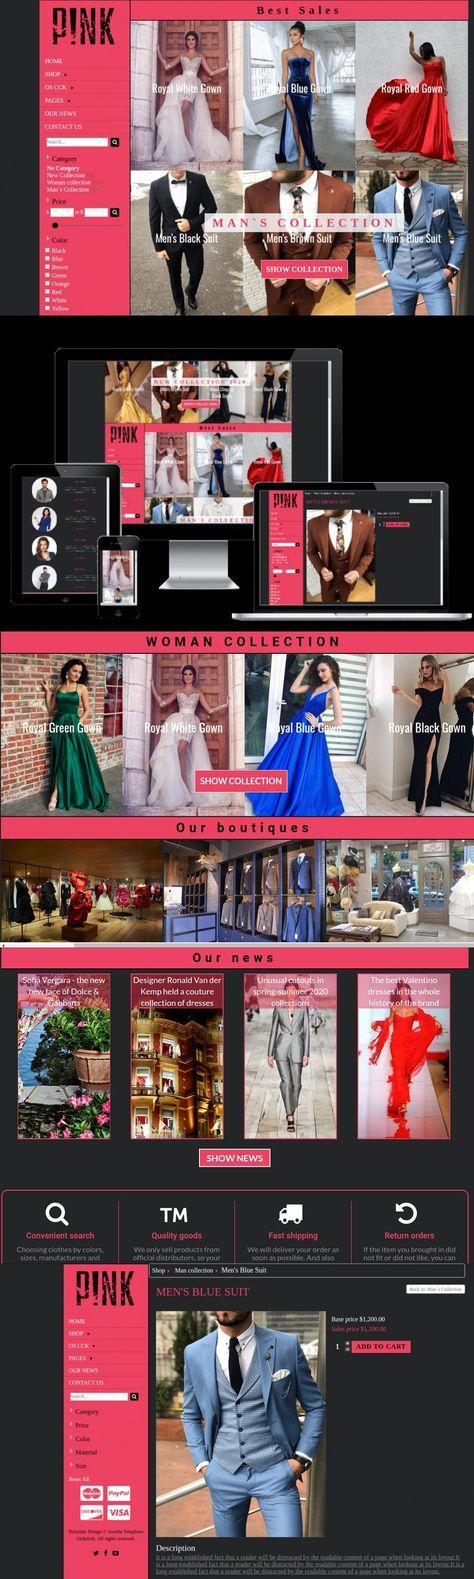 Pink - Joomla VirtueMart Template